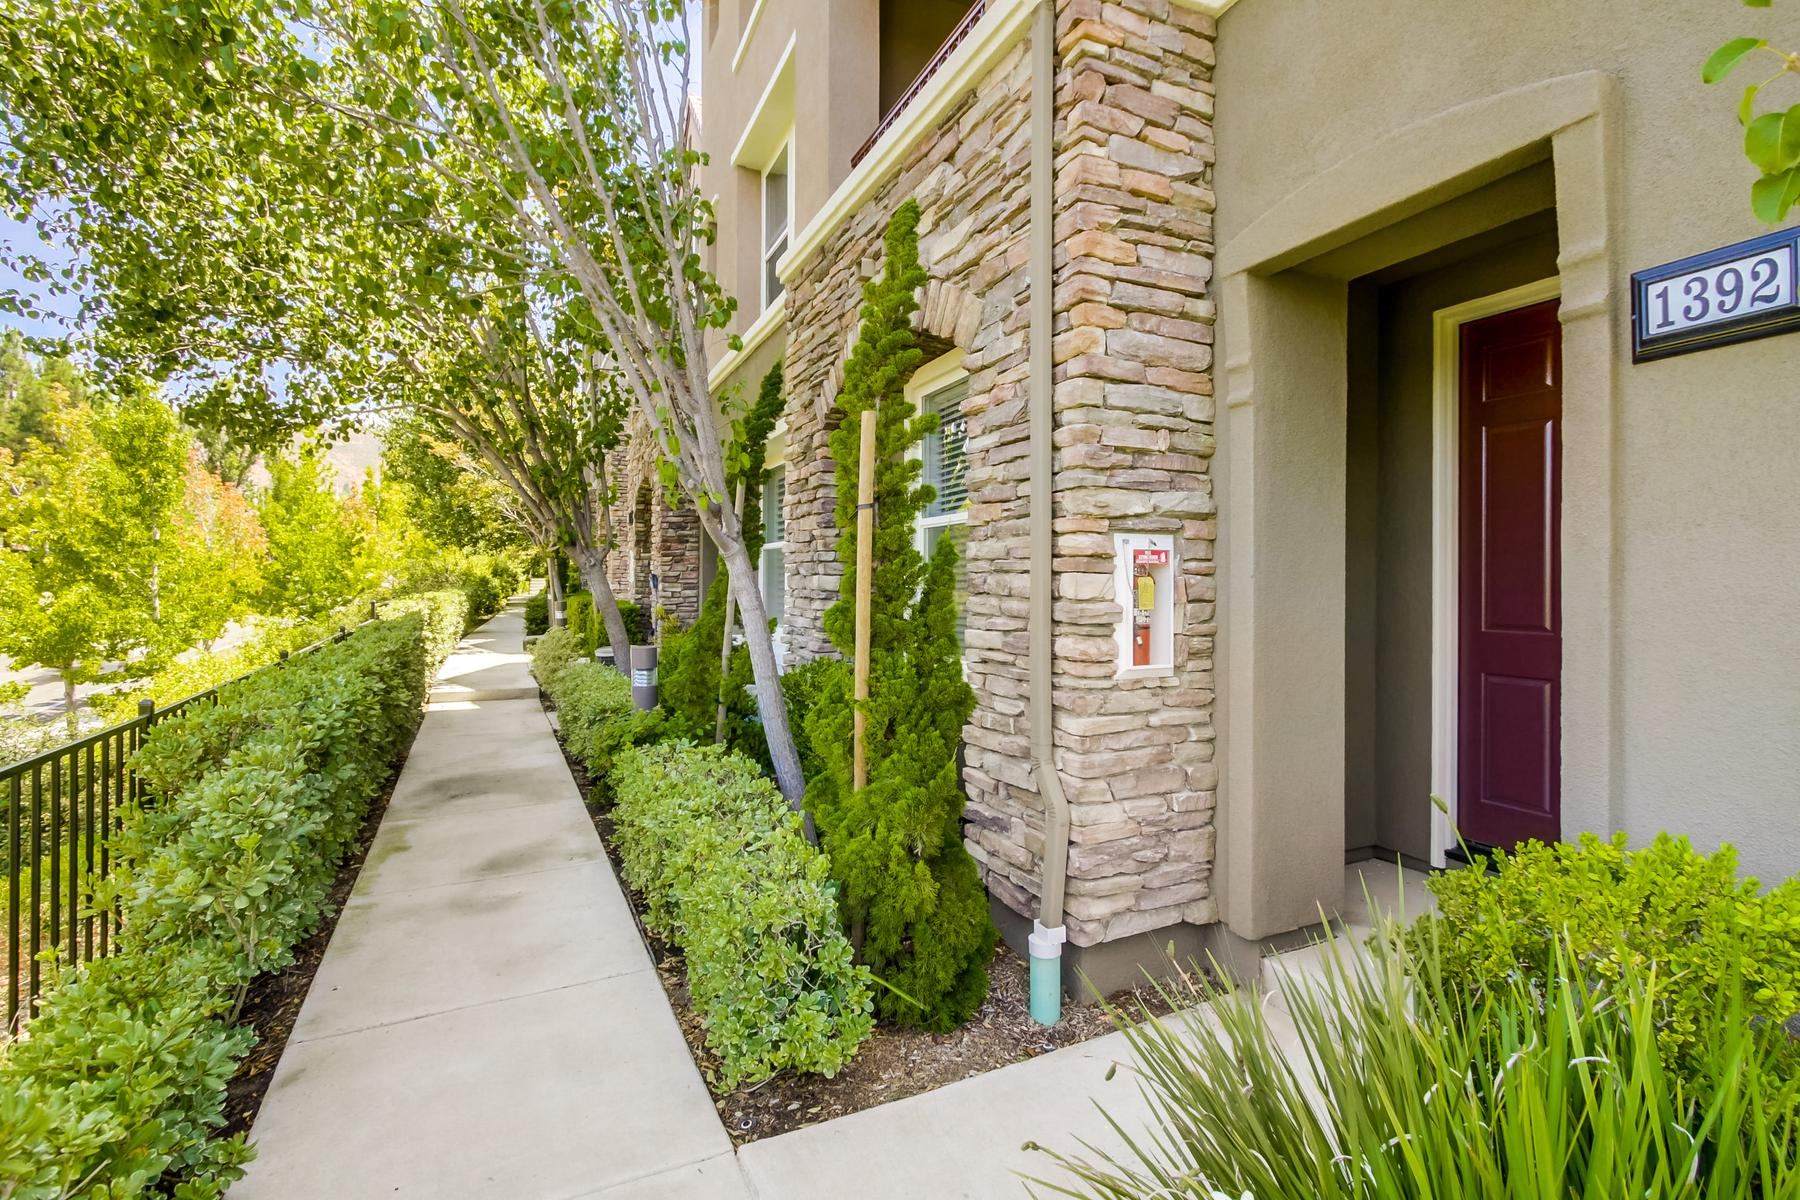 一戸建て のために 売買 アット 1392 Dandelion Way San Marcos, カリフォルニア 92078 アメリカ合衆国